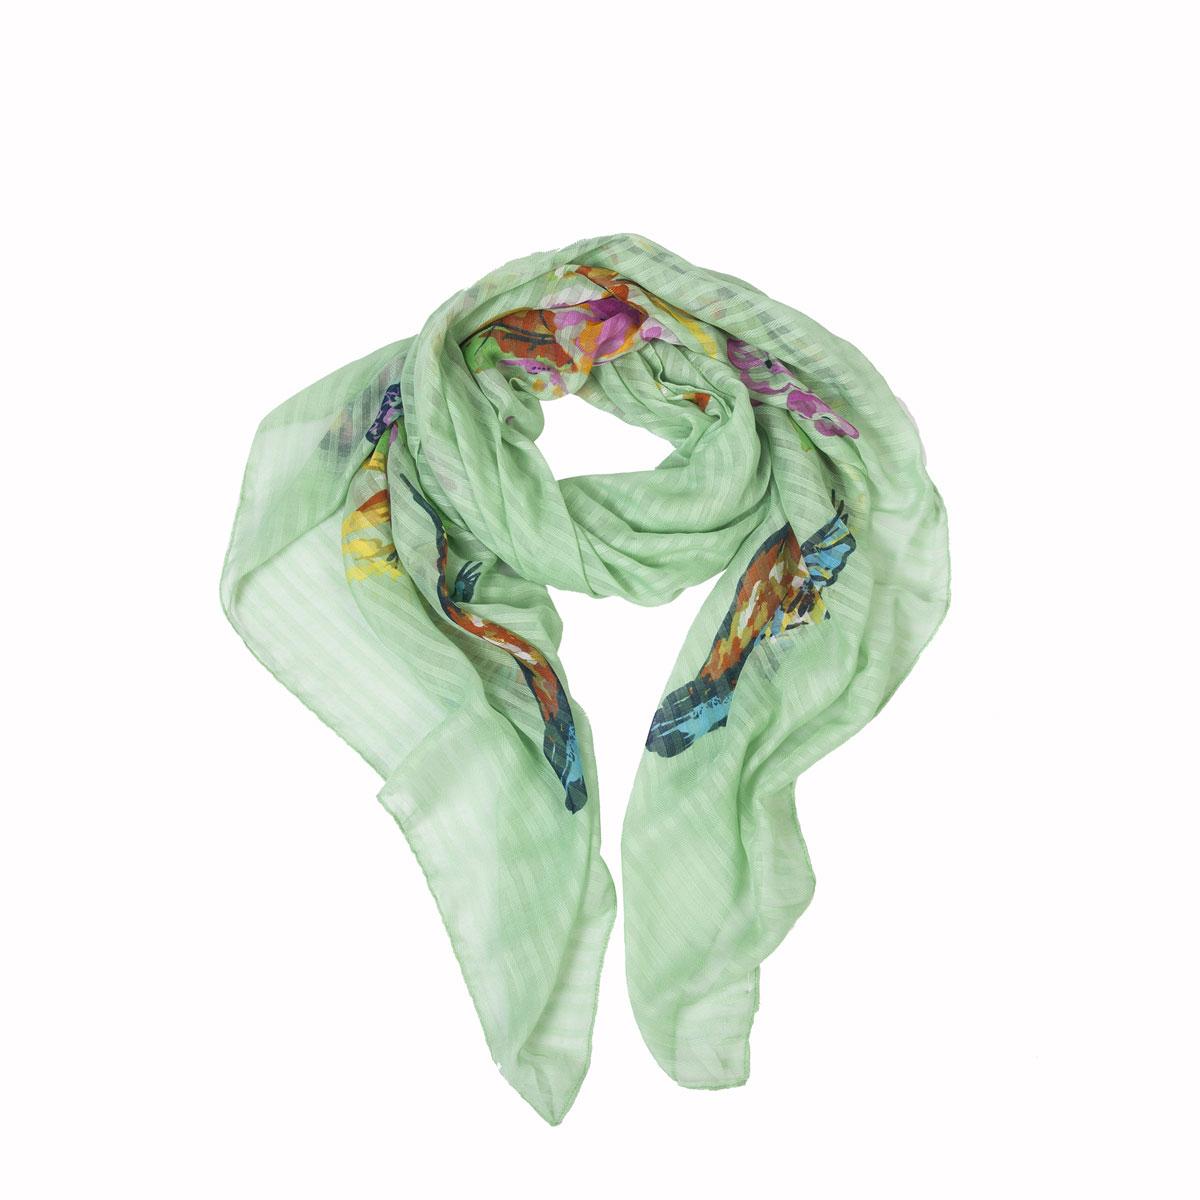 Палантин Модные истории, цвет: зеленый, розовый. 21/0380/243. Размер 190 см x 90